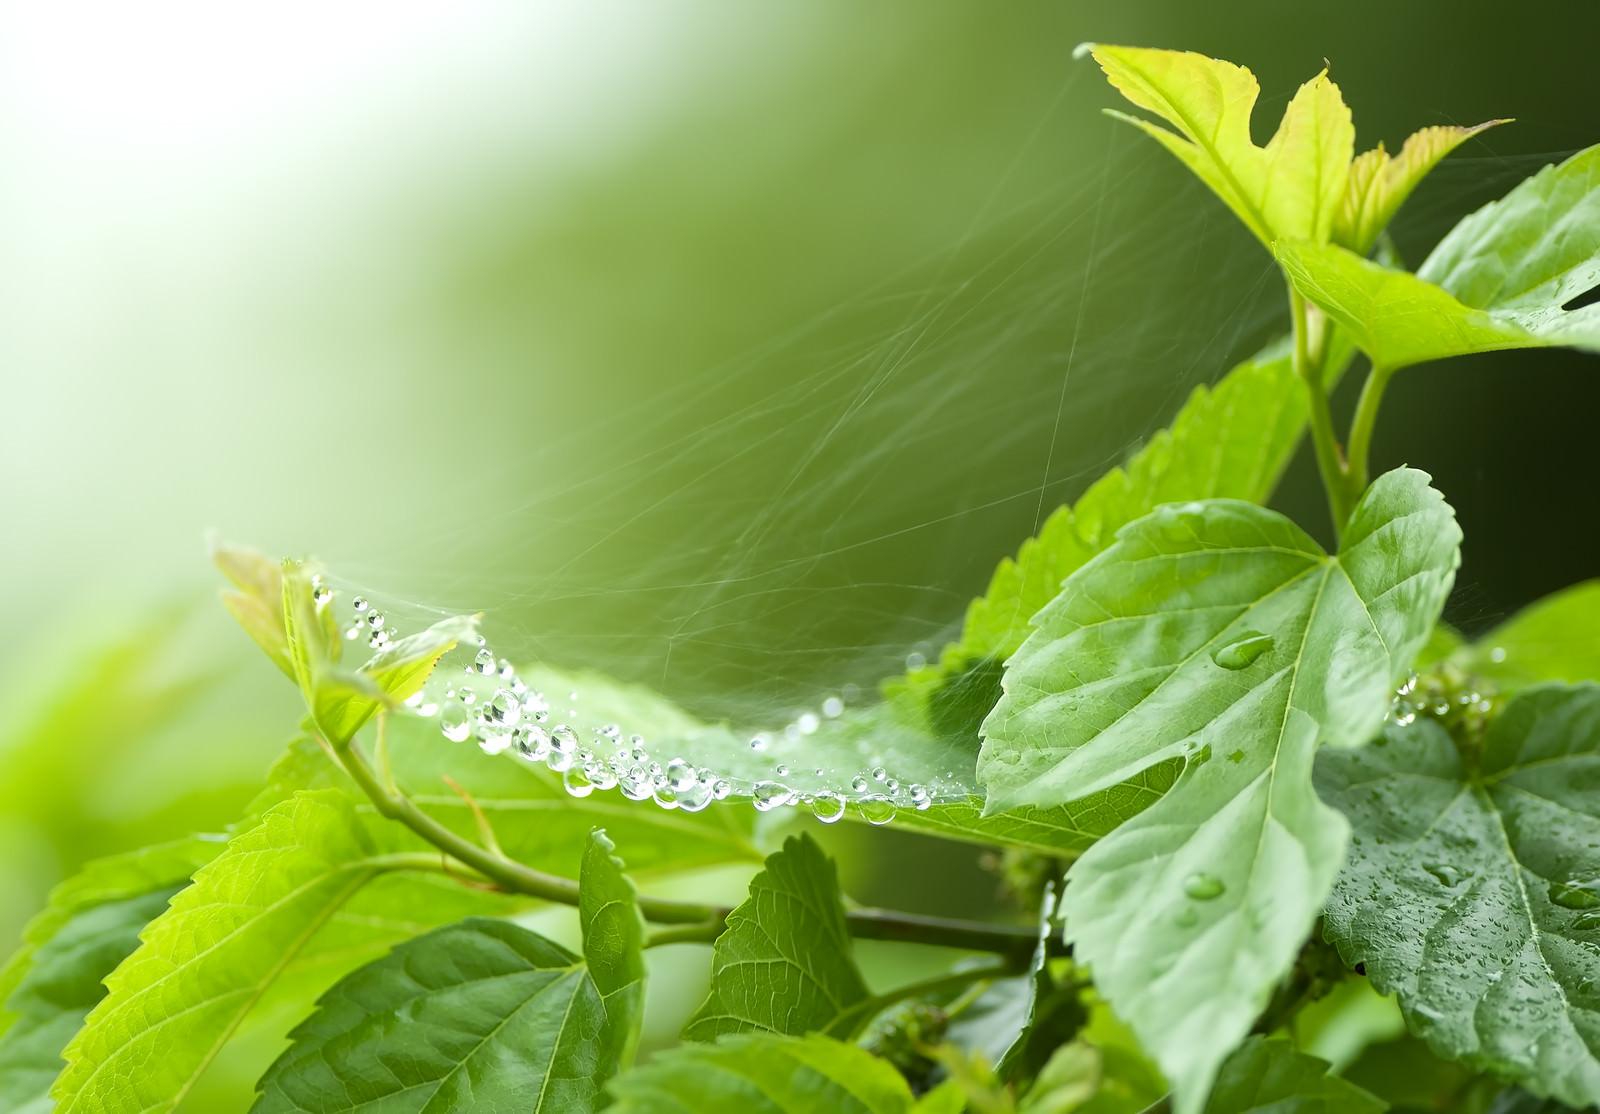 「蜘蛛の巣の雨粒蜘蛛の巣の雨粒」のフリー写真素材を拡大